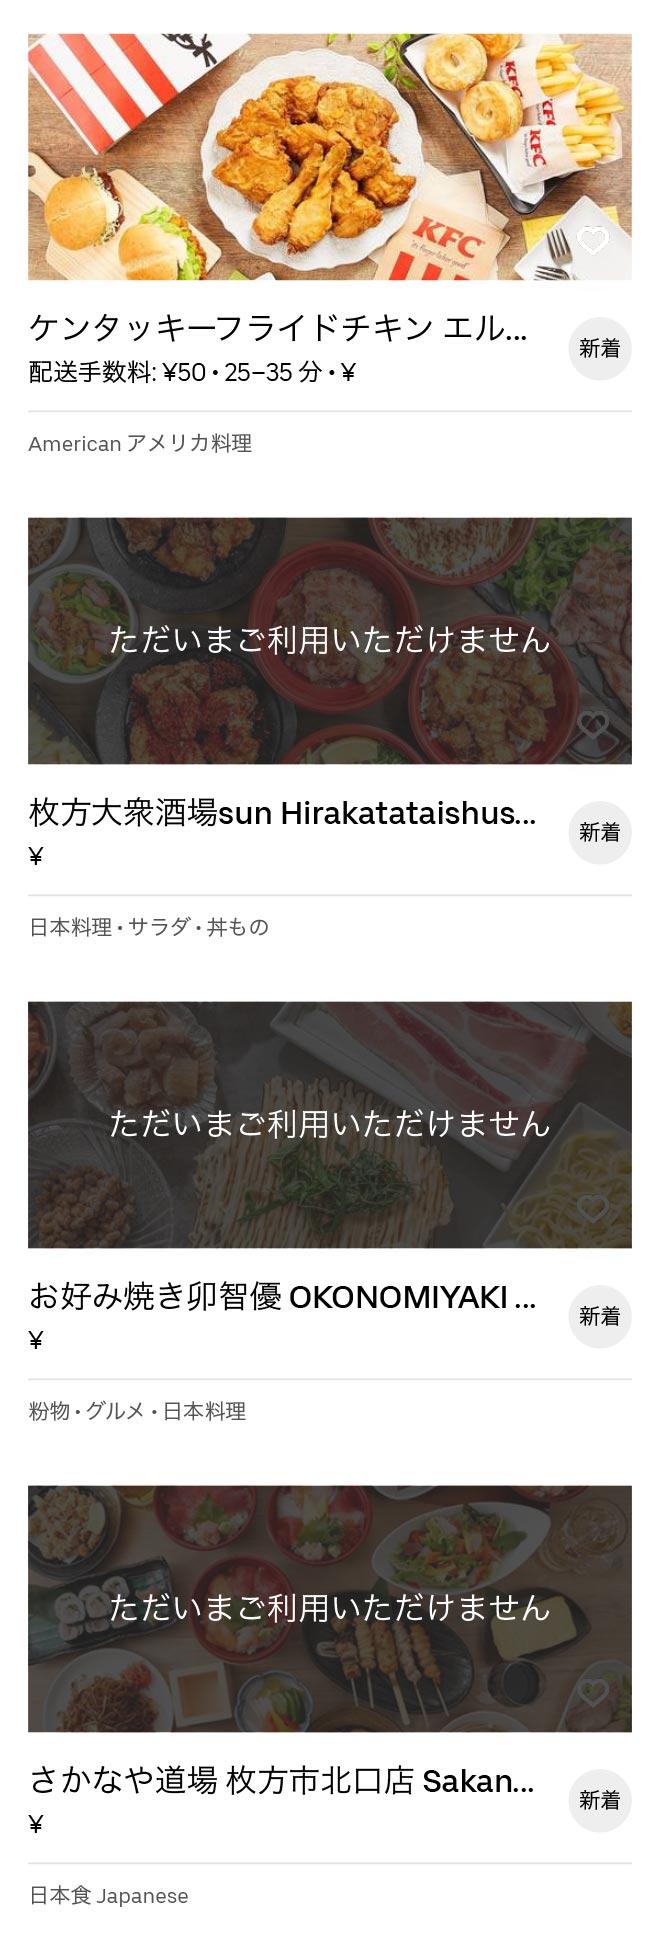 Hirakata menu 2005 05